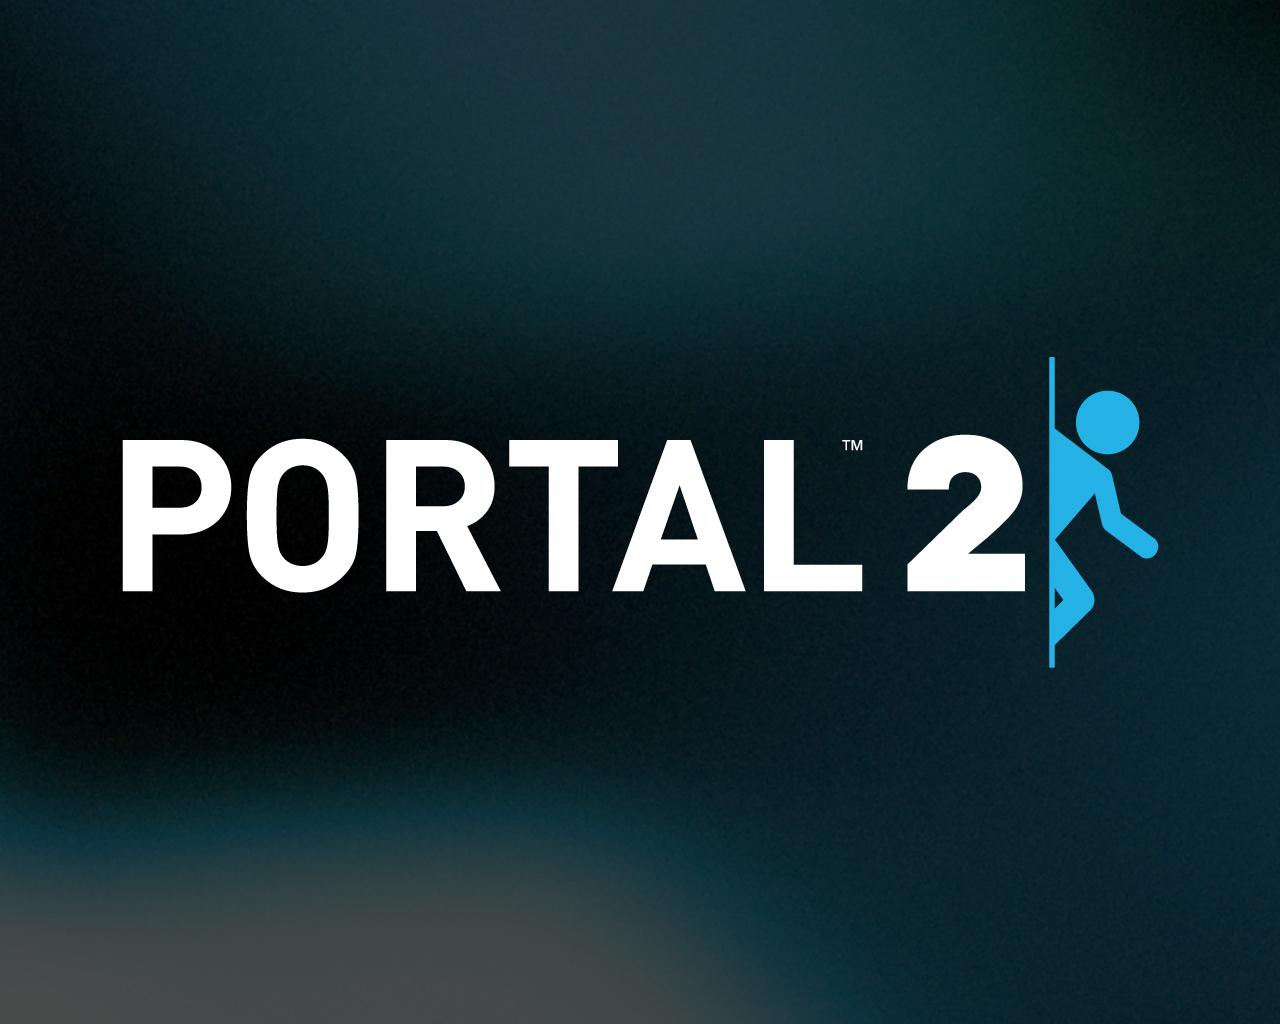 portal 2 ps3 review brutal gamer. Black Bedroom Furniture Sets. Home Design Ideas